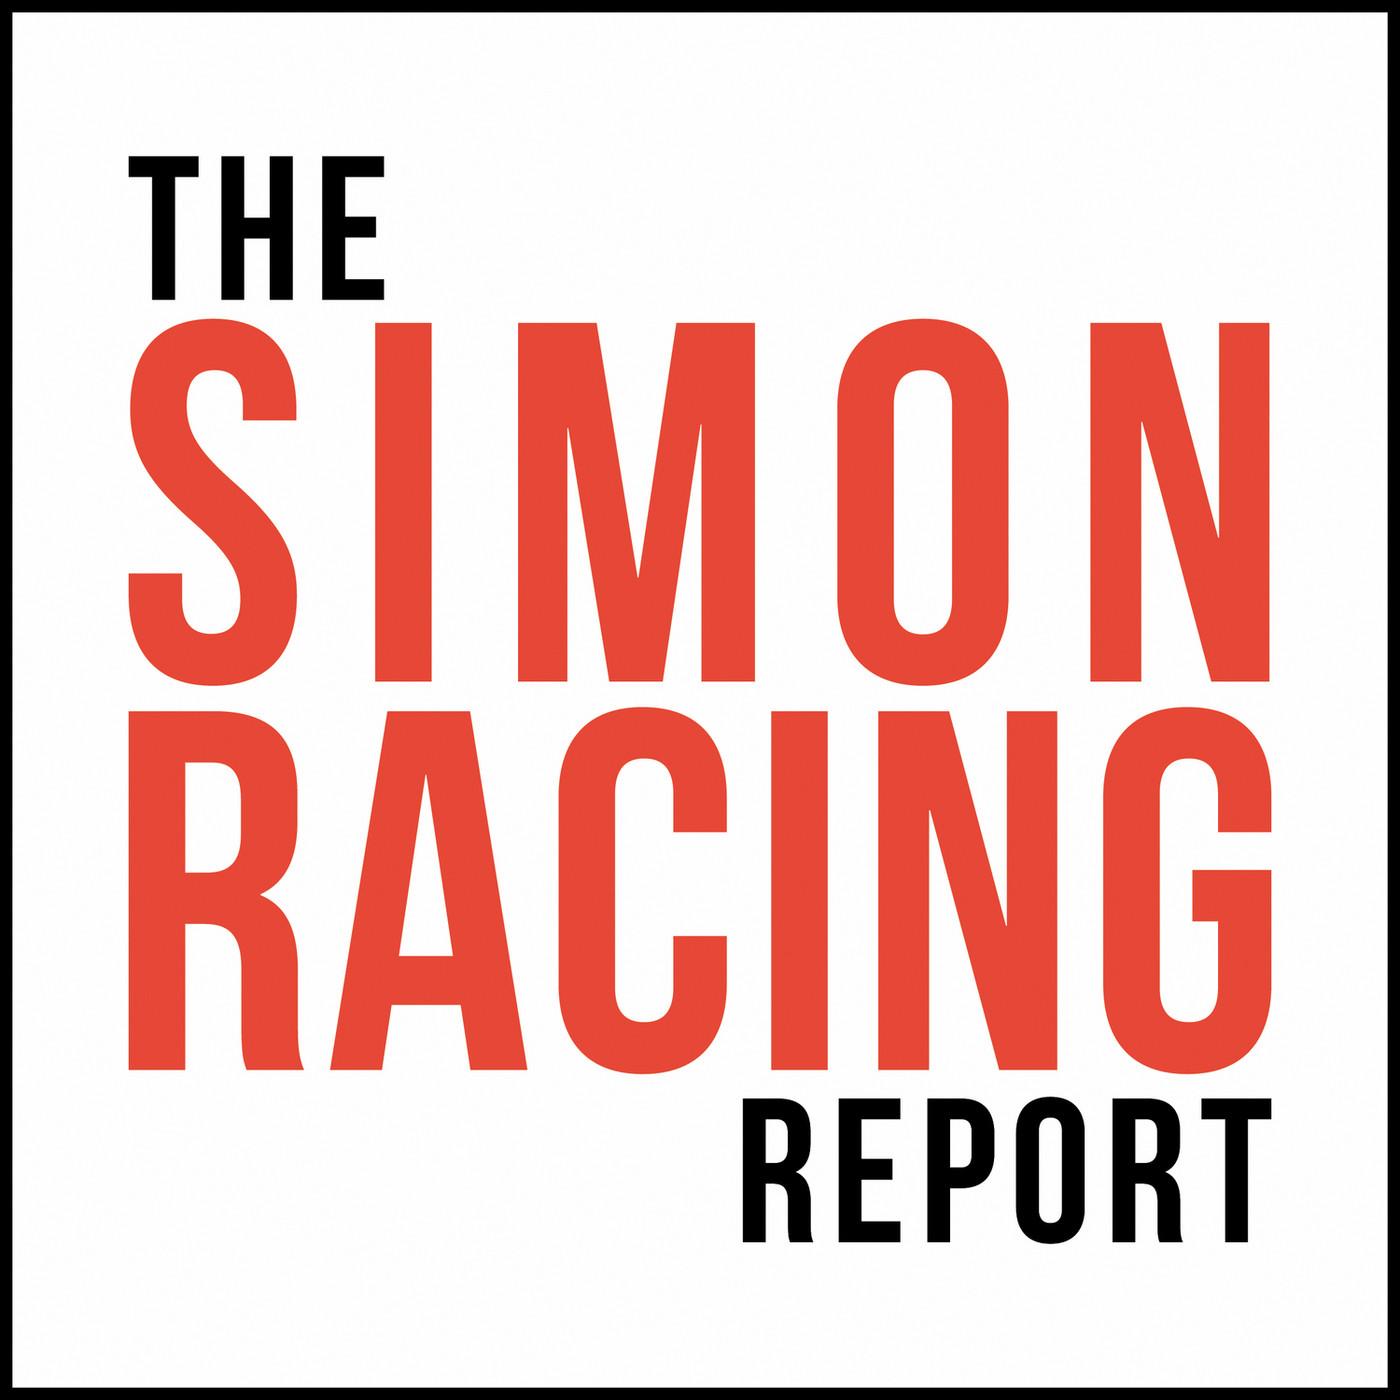 Ep. 24: F1 Austria, Silverstone, Hungary, Germany w/ Paul Smith